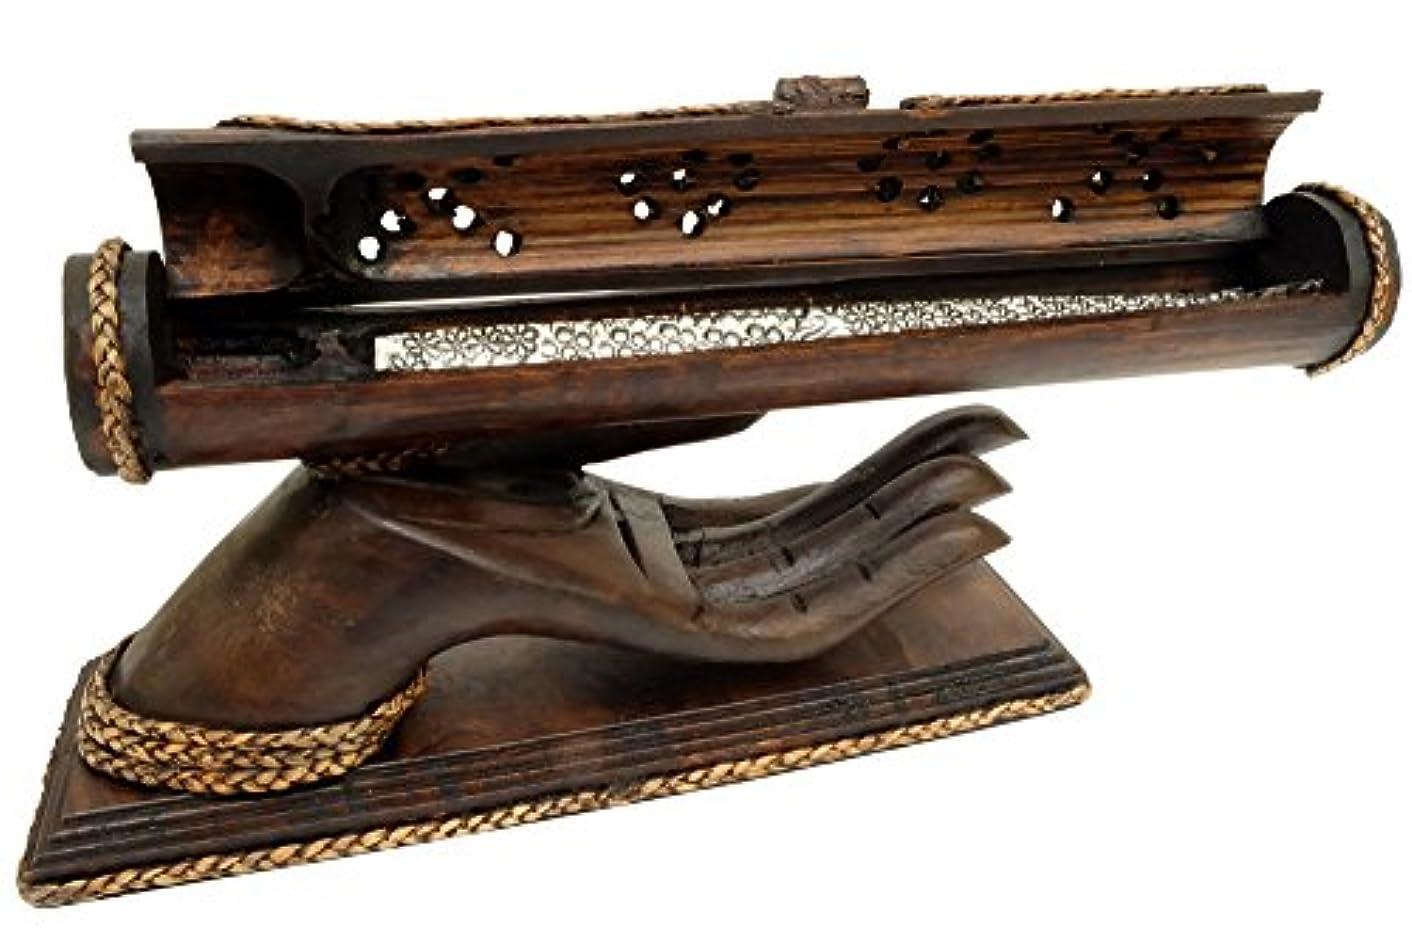 音楽家作詞家読むデザインby unseenthailand竹Trough木製ハンドメイドIncense Burner Ashキャッチャーwithチーク材手ホルダー。 ブラック